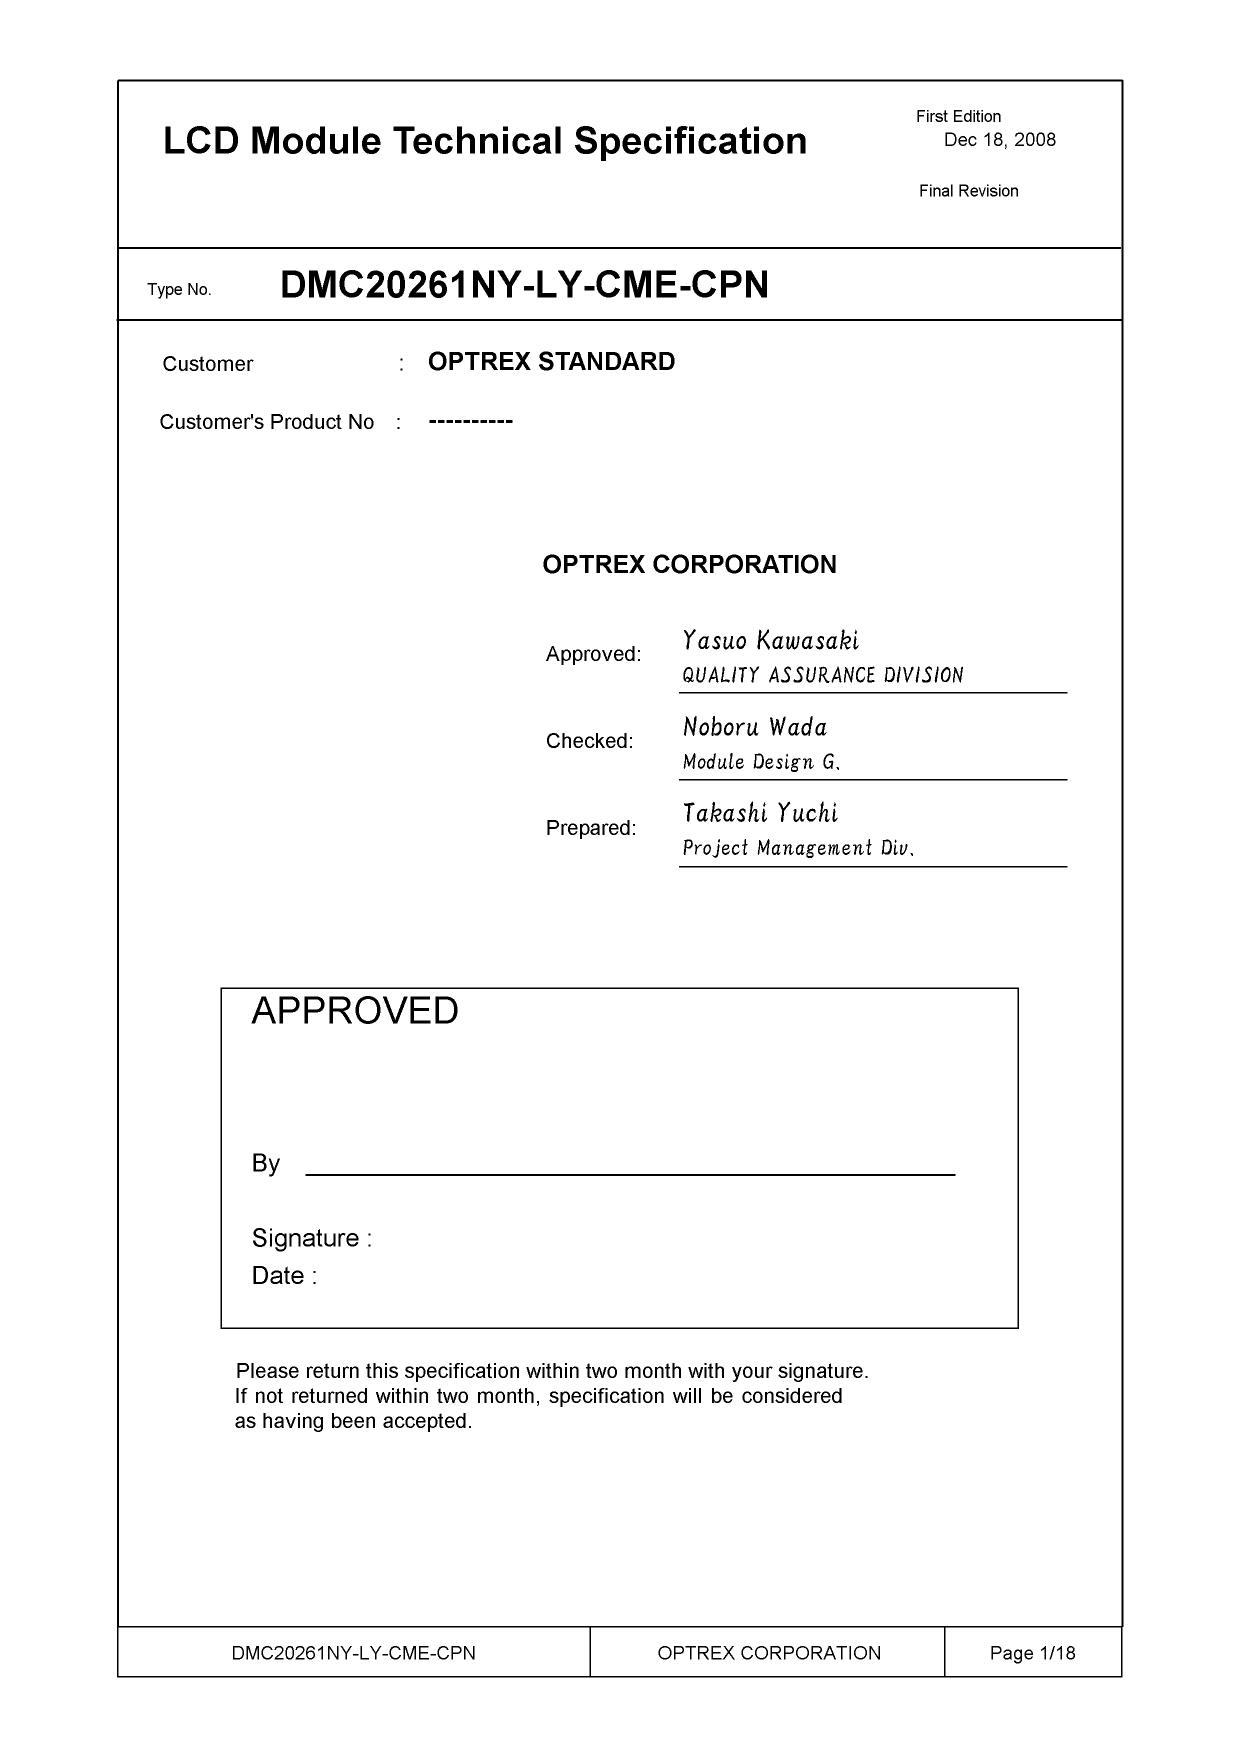 DMC20261NY-LY-CME-CPN datasheet